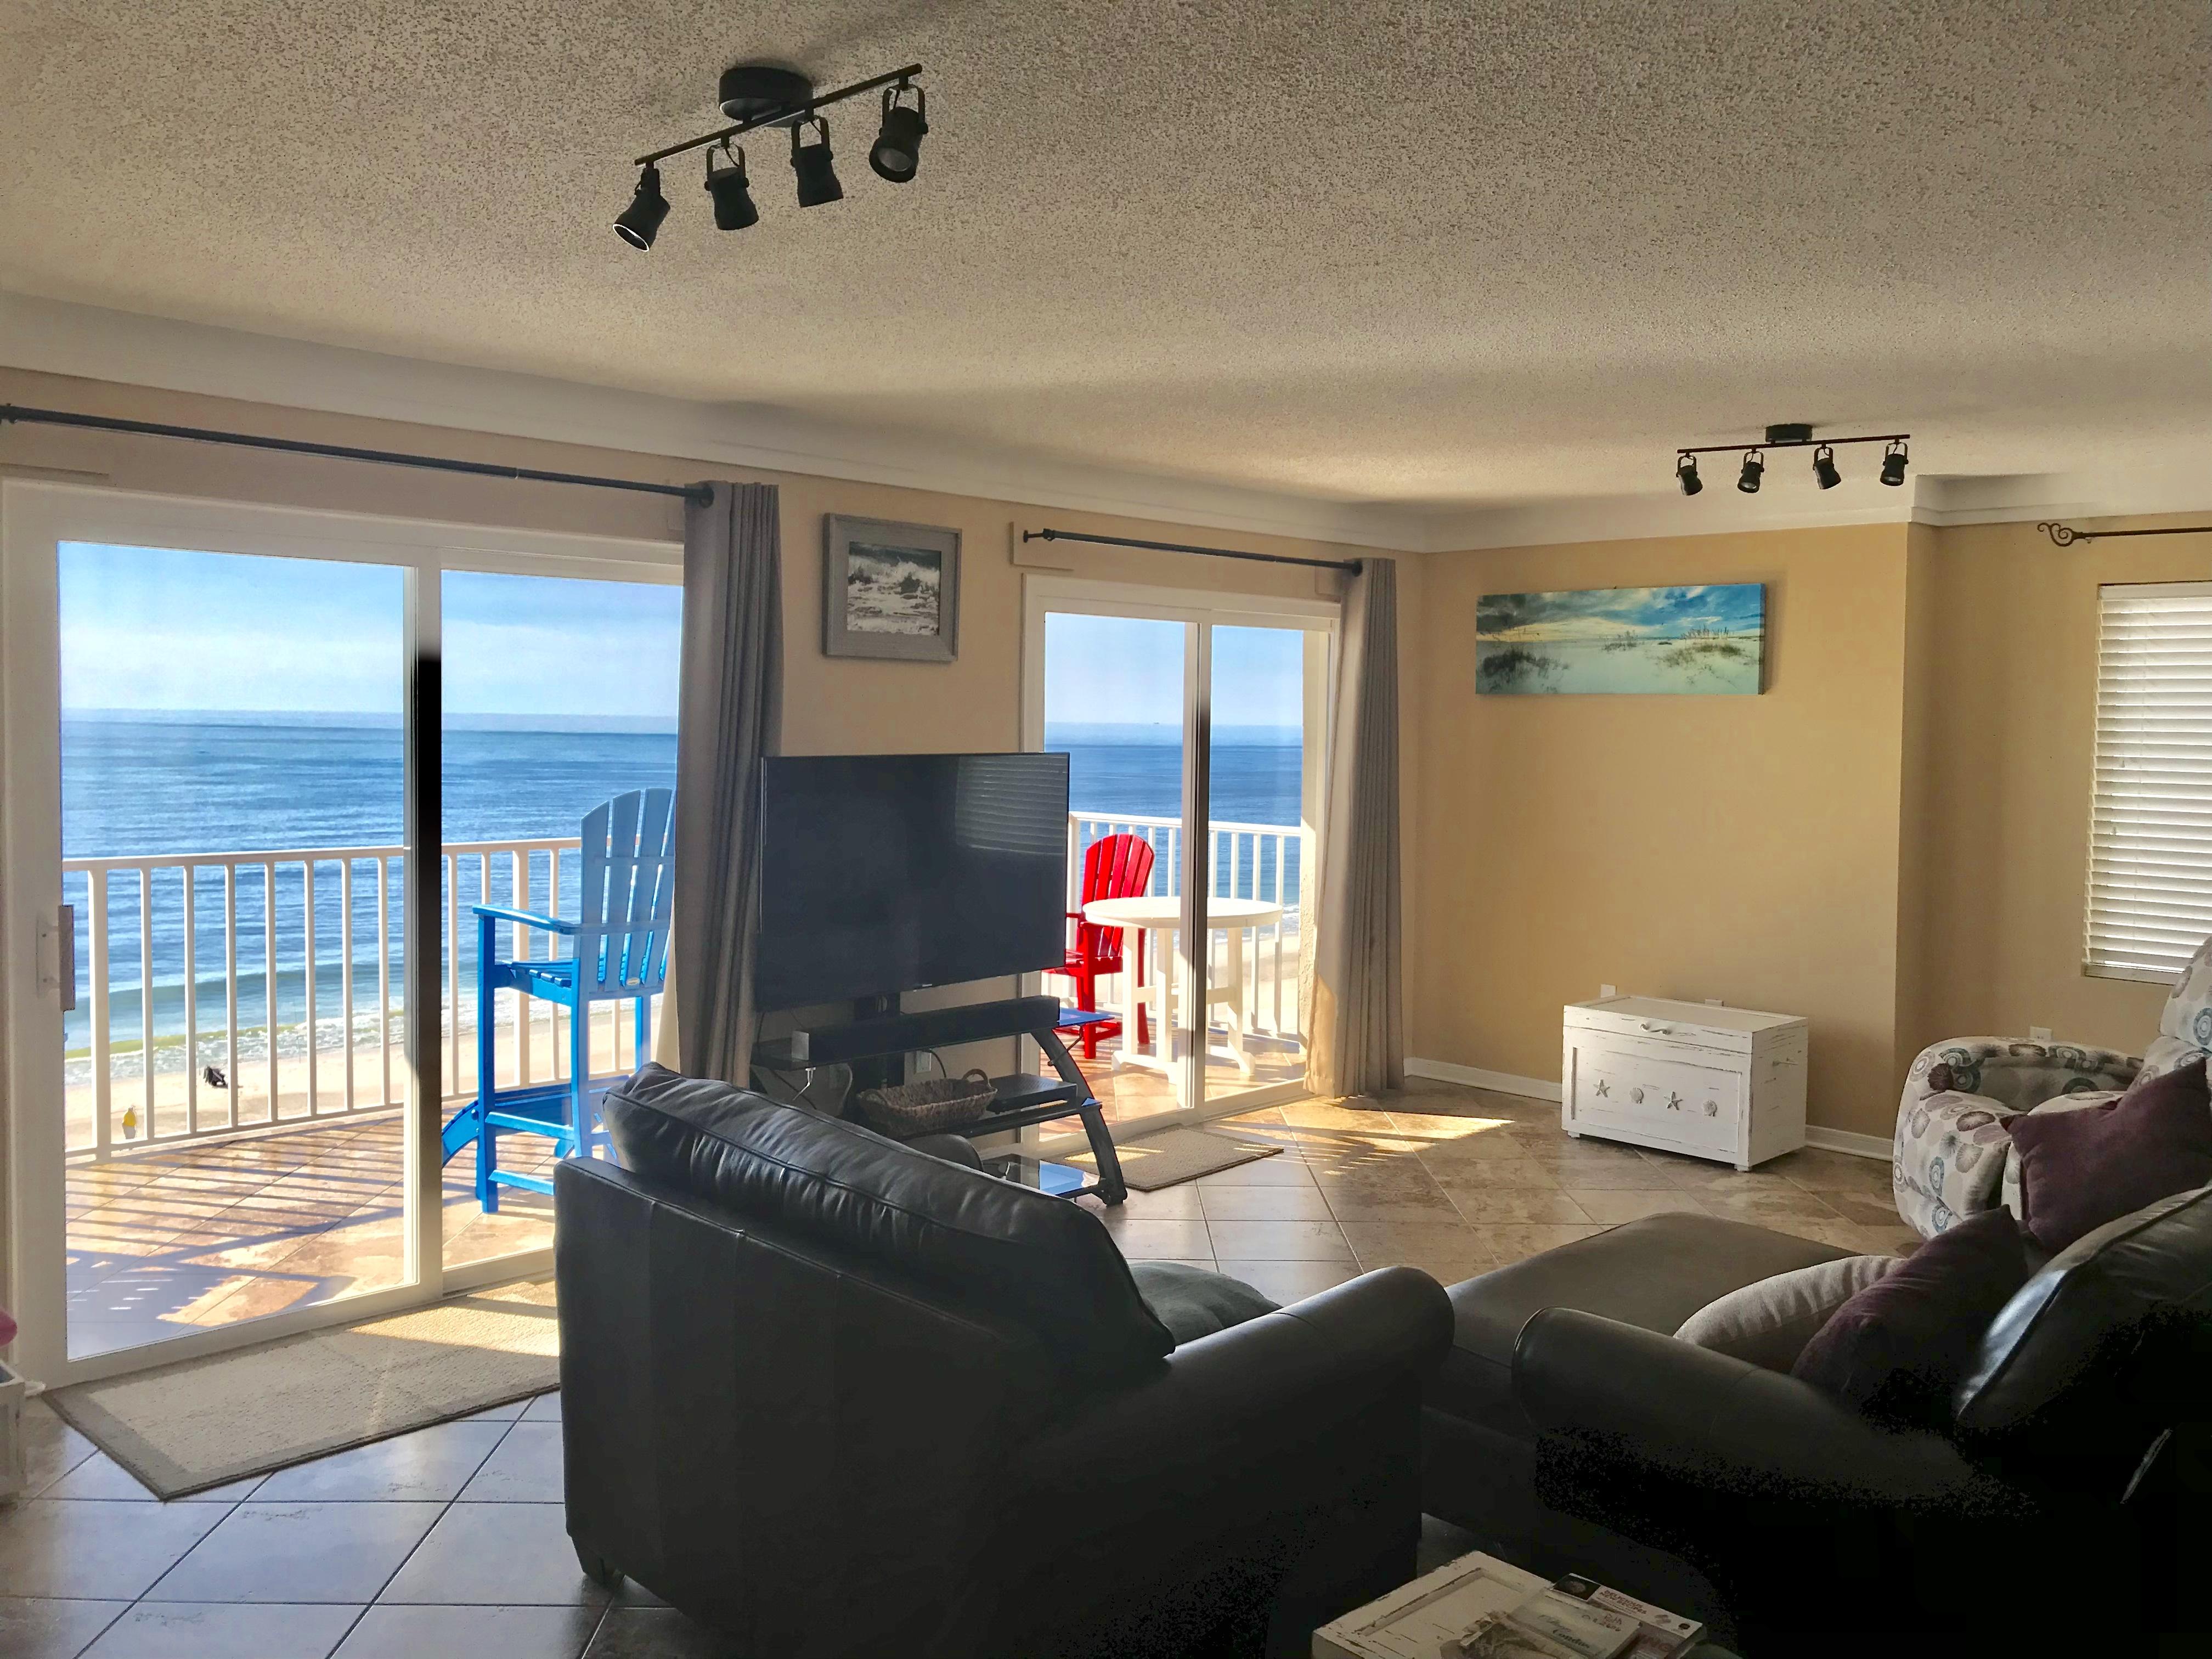 Ocean House 2606 Condo rental in Ocean House - Gulf Shores in Gulf Shores Alabama - #8